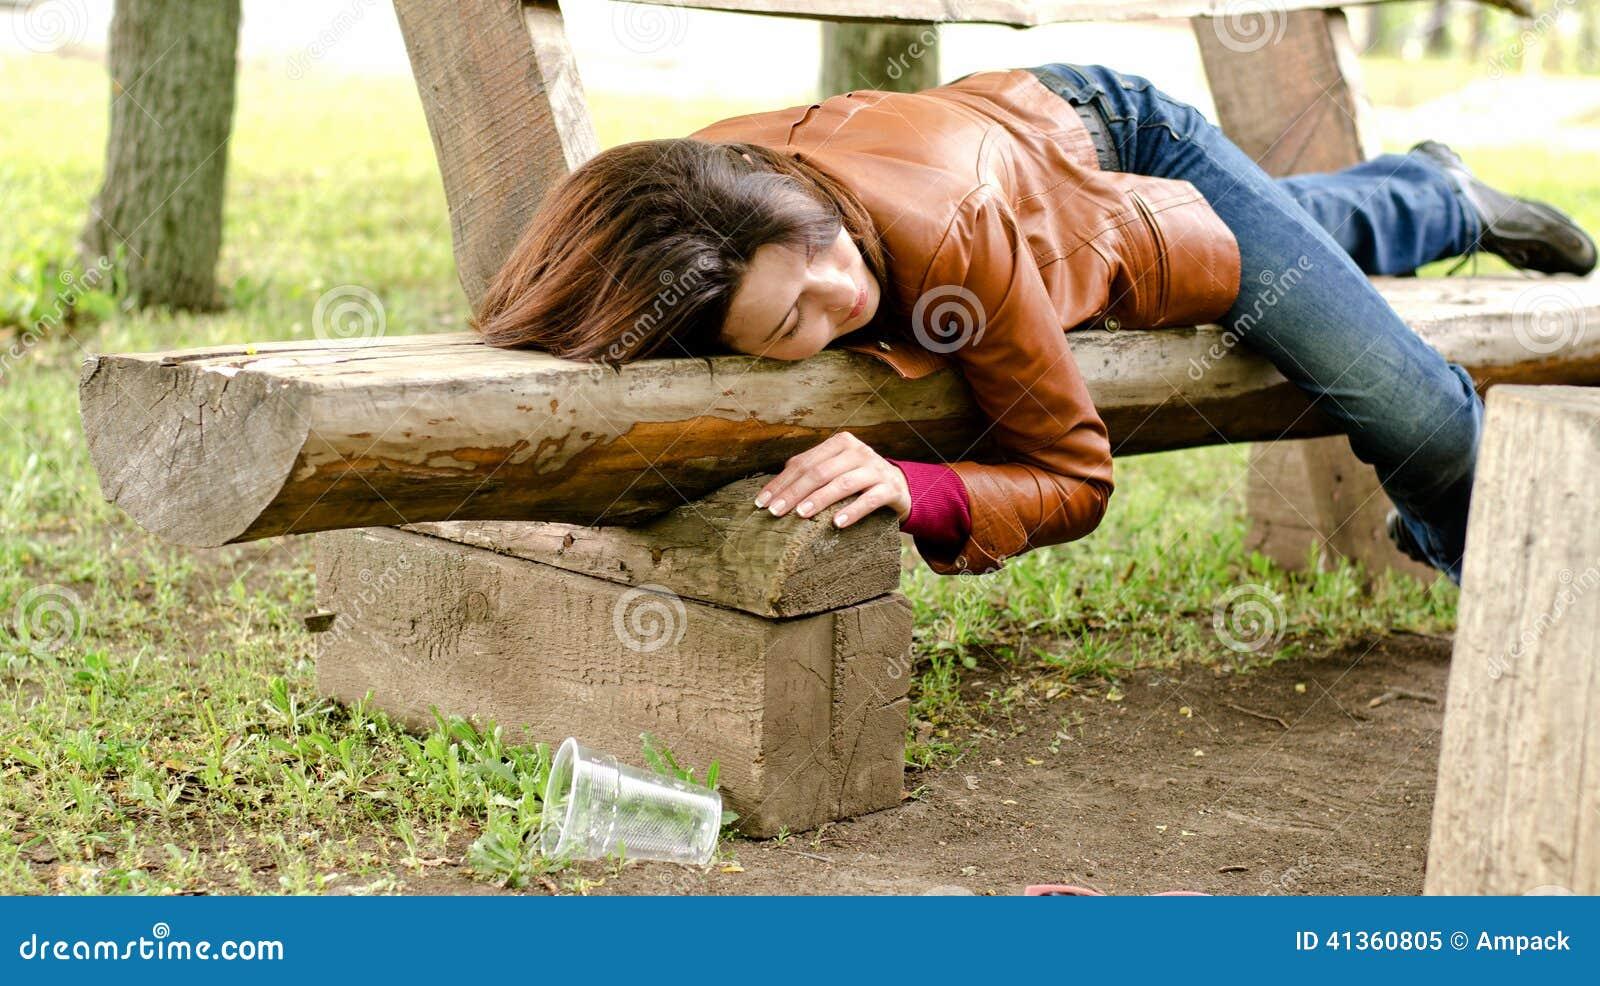 Сосёт в парке хуй, Прелестная деваха сосет хуй в парке, а затем трахается 23 фотография